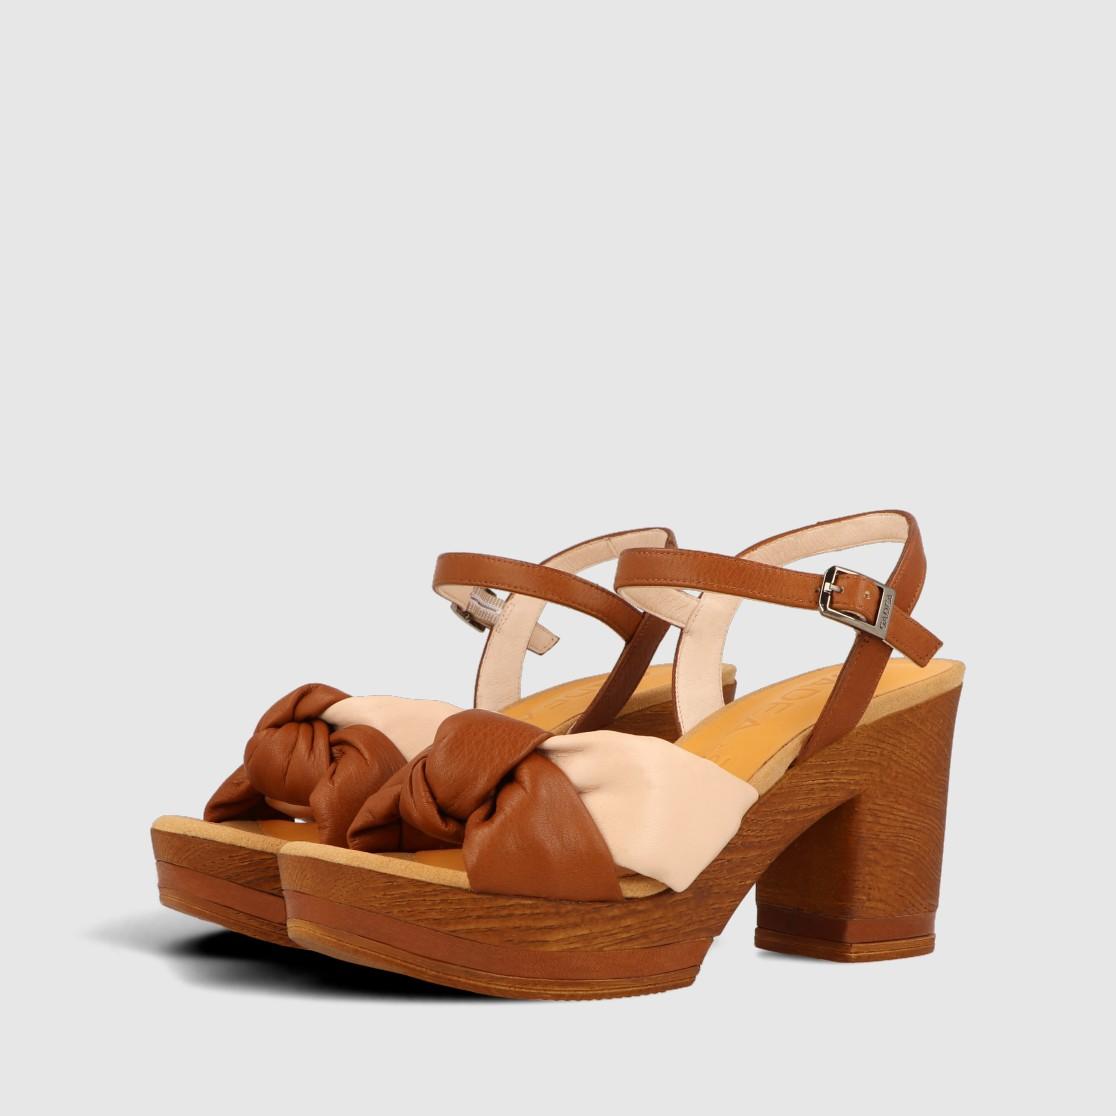 Plateau Sandale, Cognac sandals, Sommerschuhe